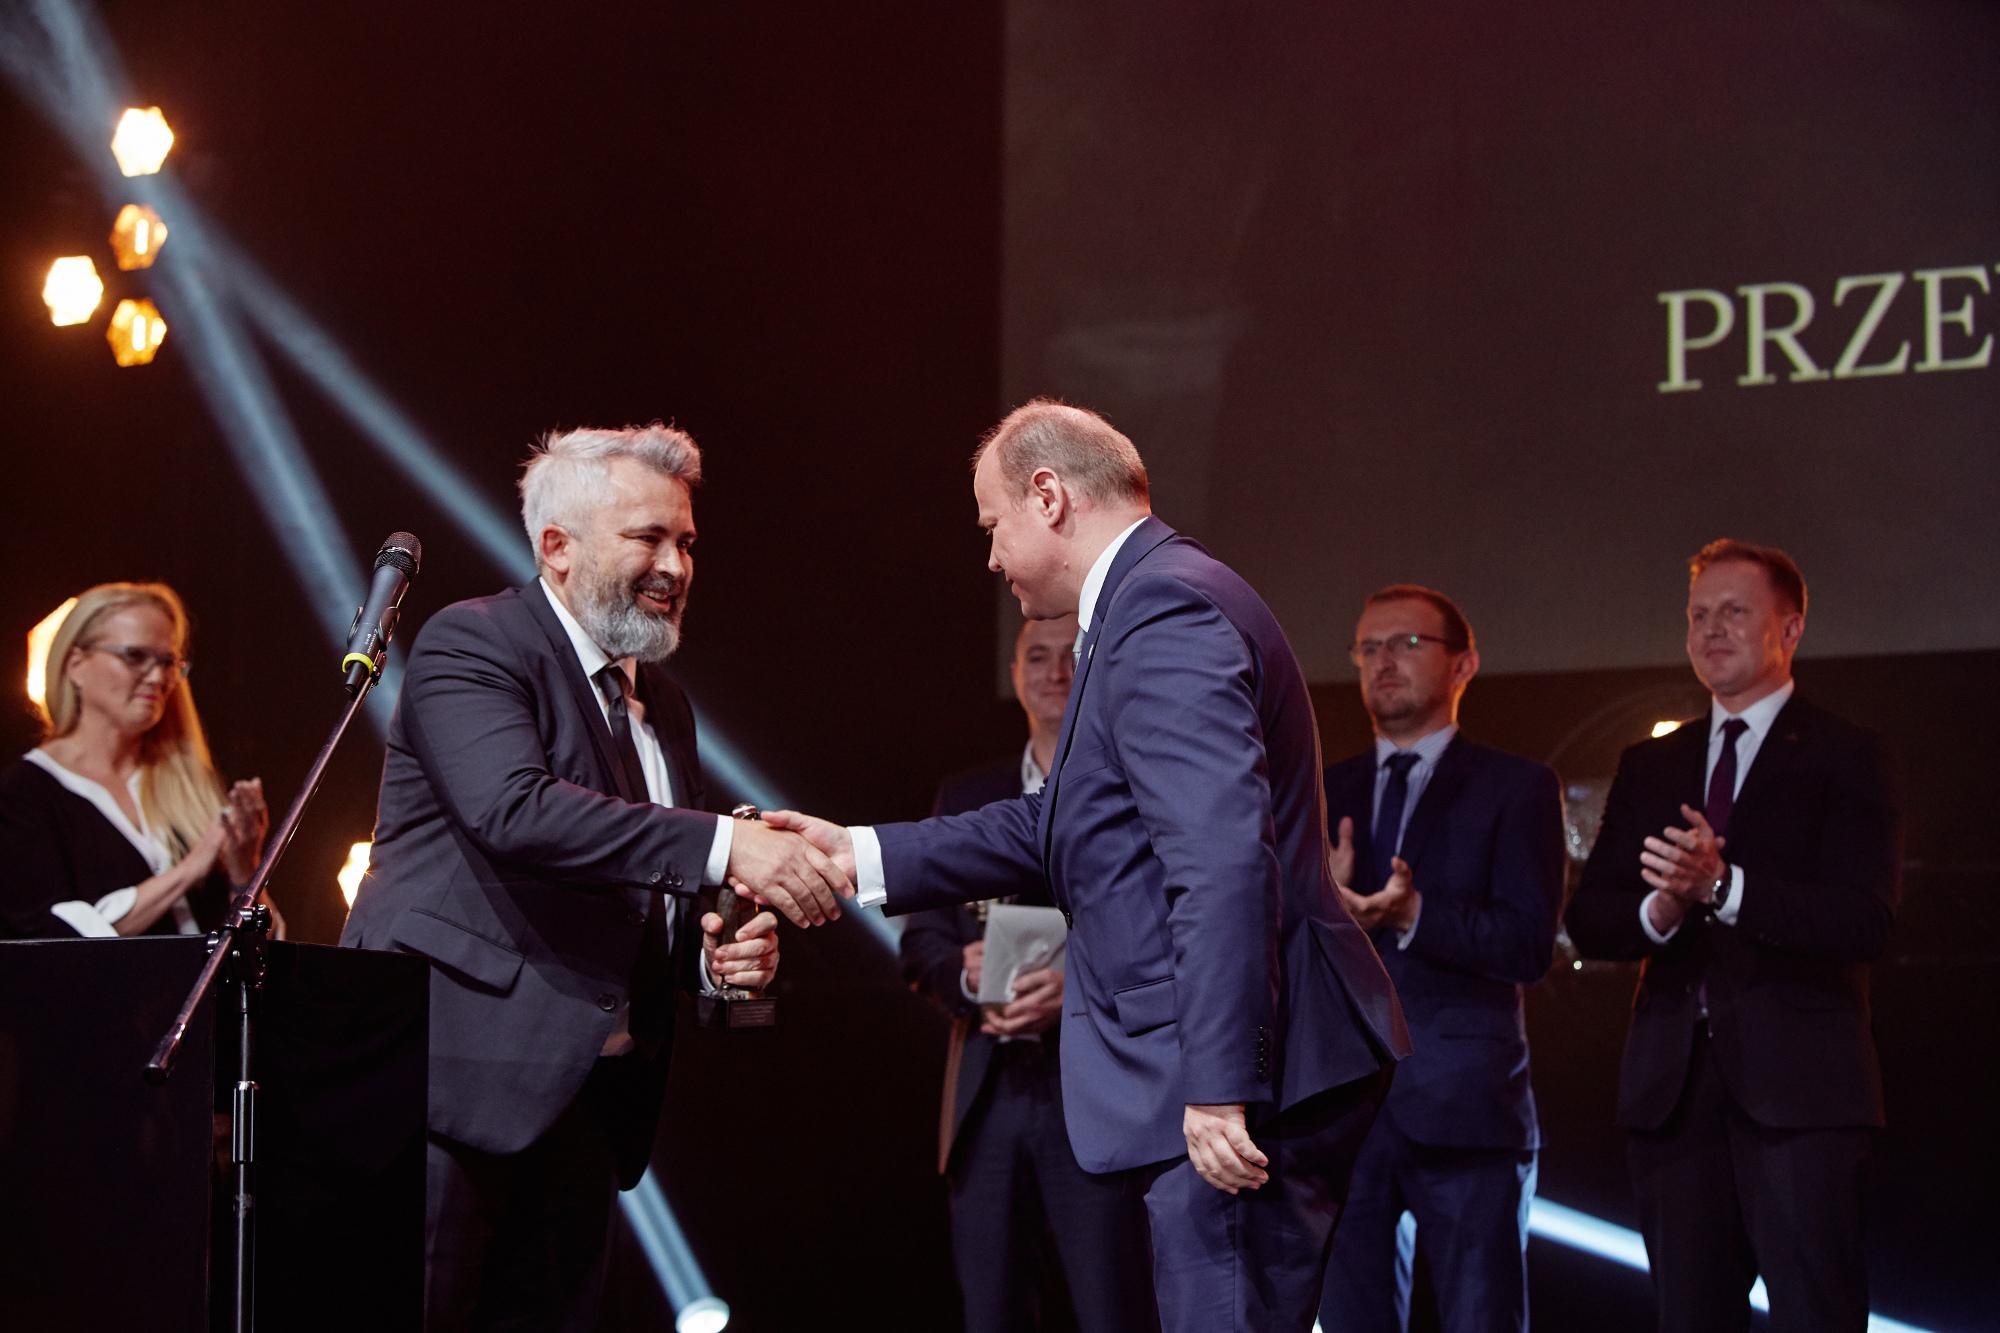 Nagroda_BohaterONy_2019_gala_fot_Michał_Moryl MNIEJSZE ZDJĘCIE